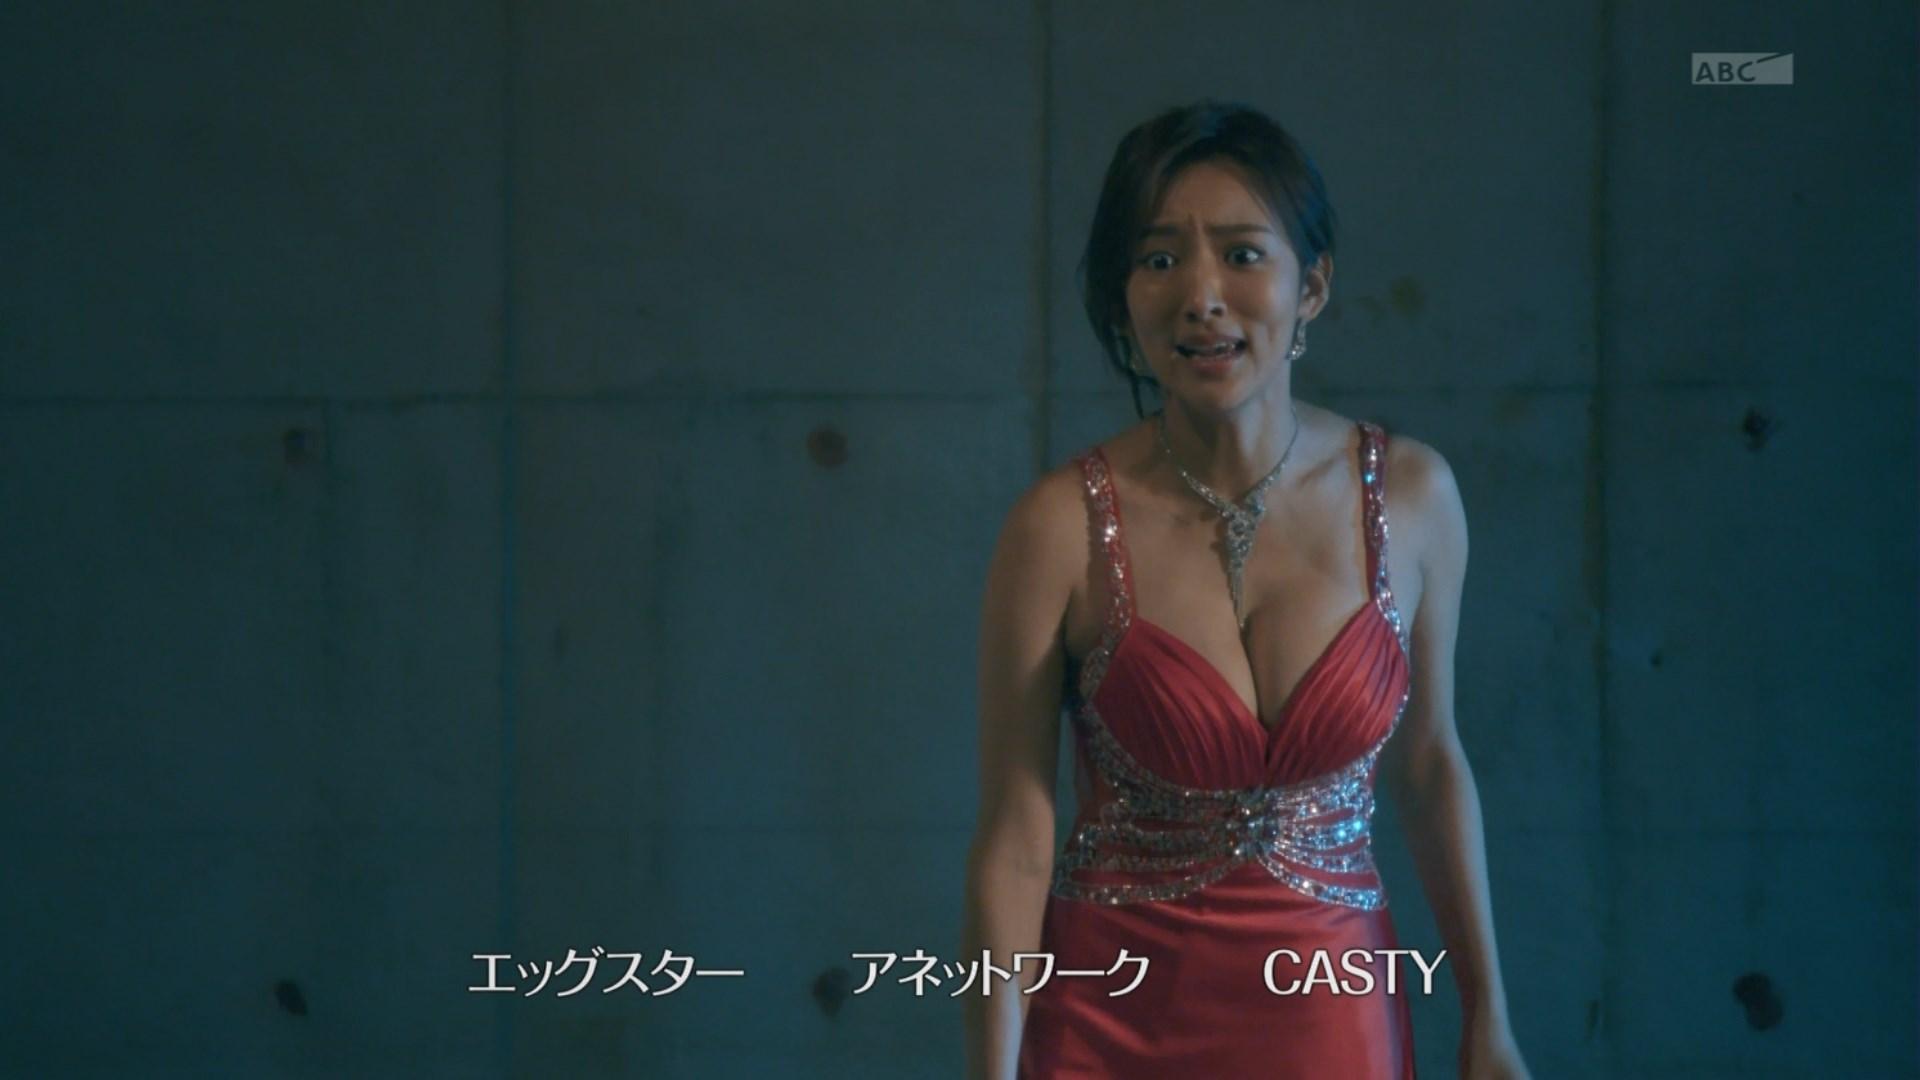 ハケンのキャバ嬢・彩華 夏菜さんのおっぱいキャプ画像43